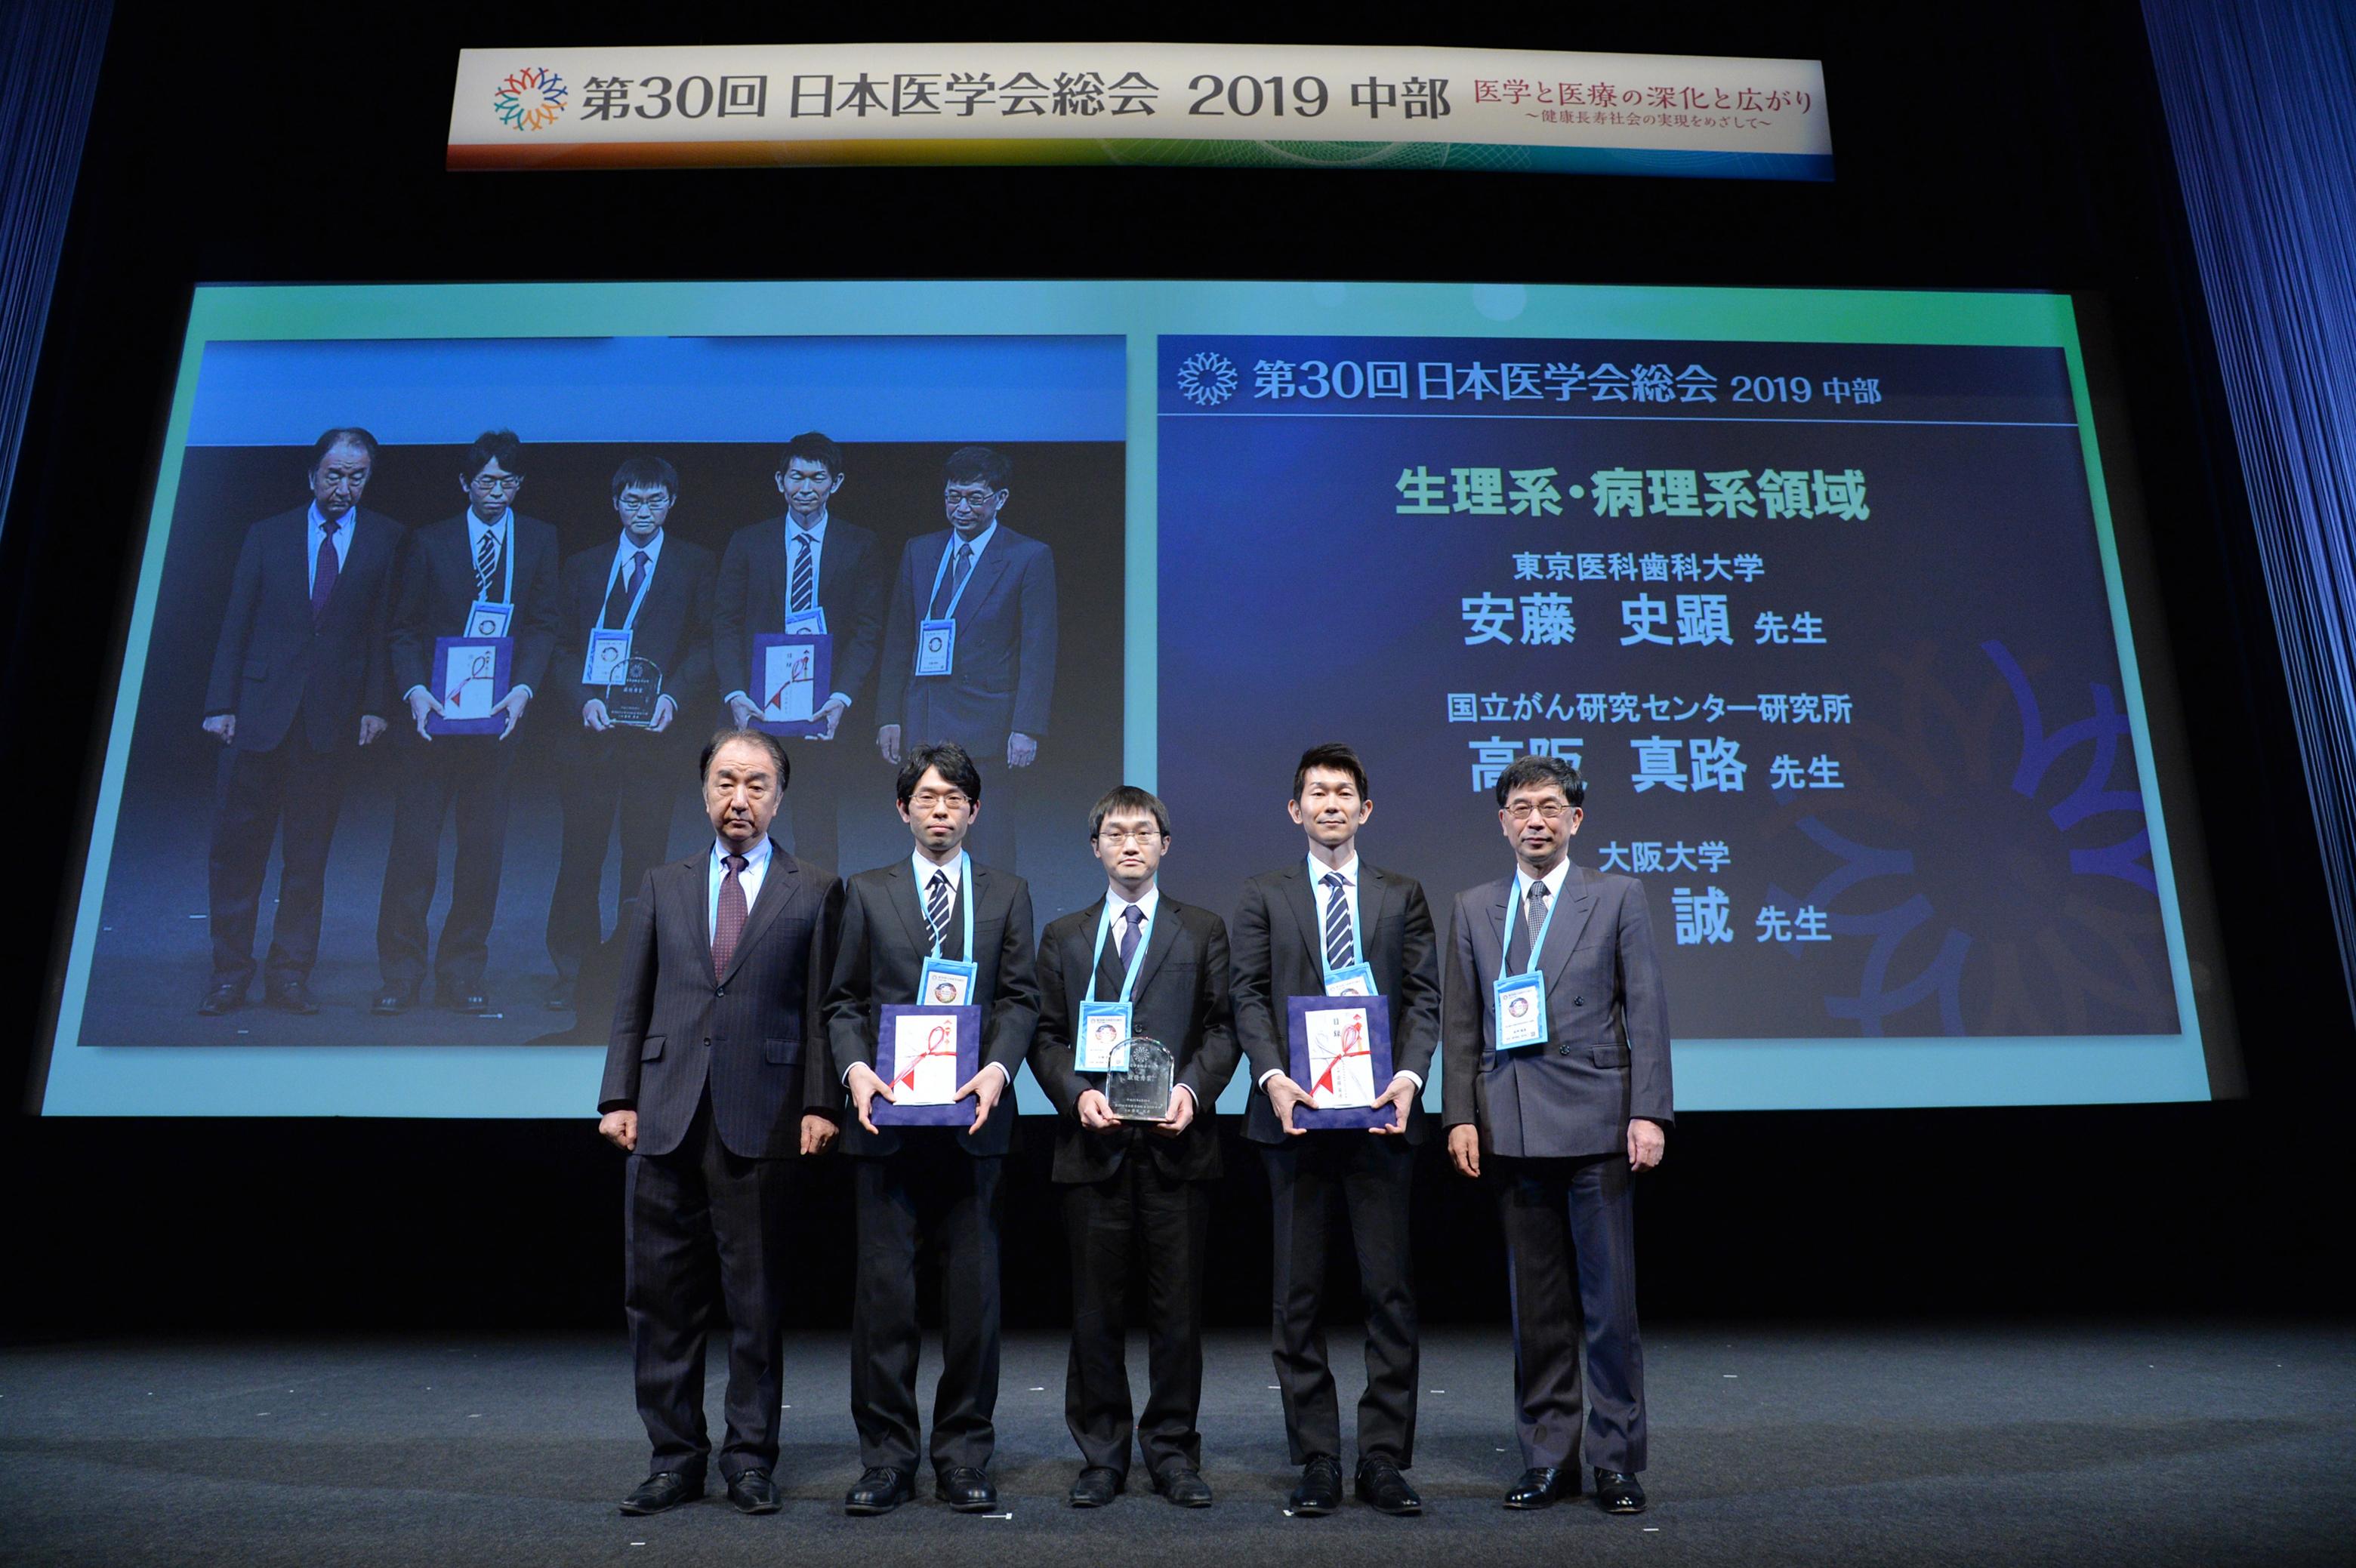 安藤史顕助教 日本医学会総会で最優秀奨励賞を受賞